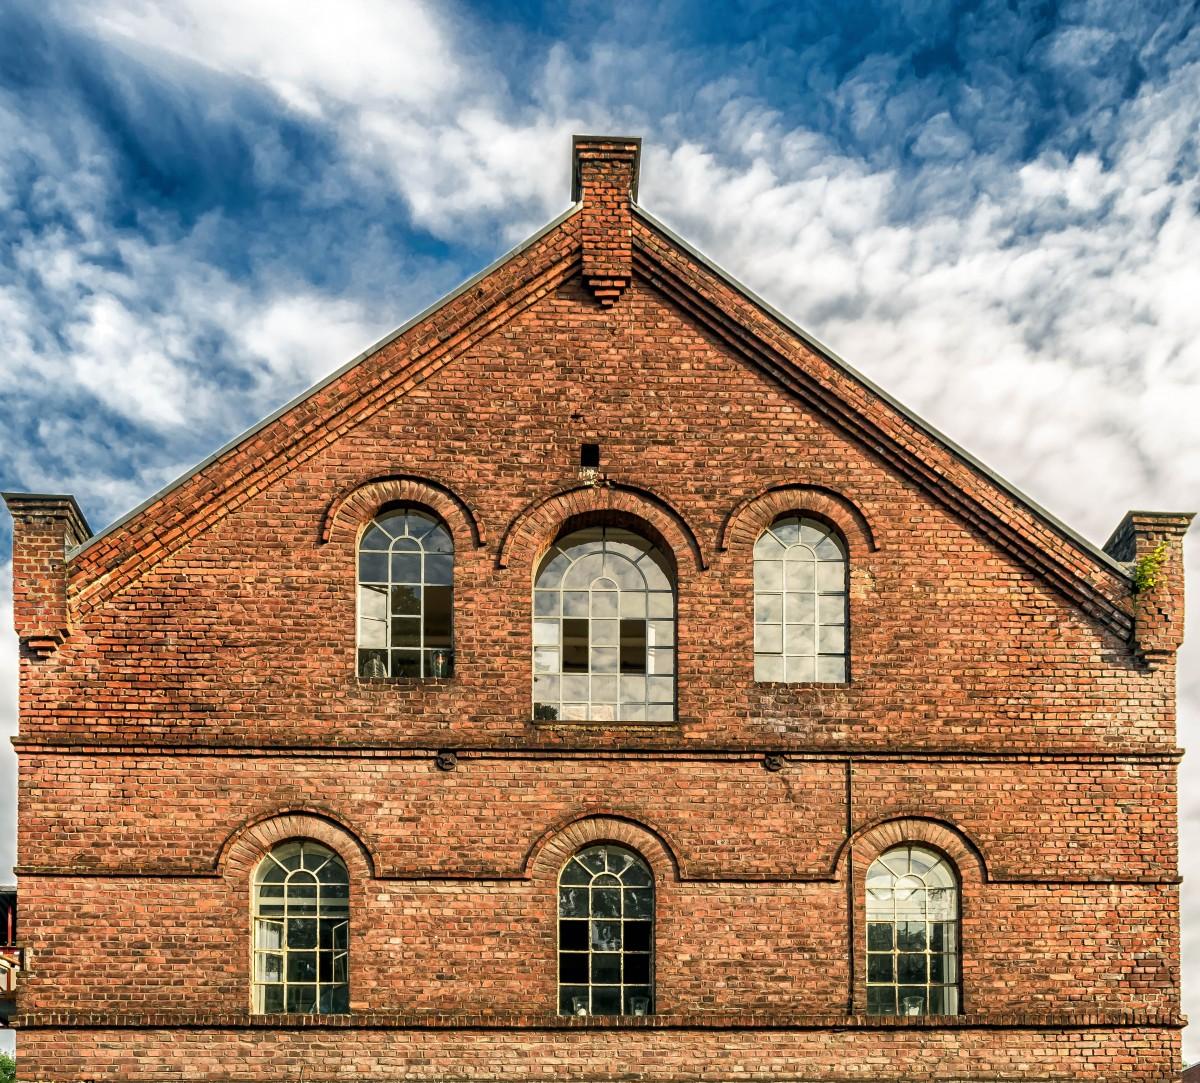 Kostenlose Foto : Die Architektur, Haus, Dach, Gebäude